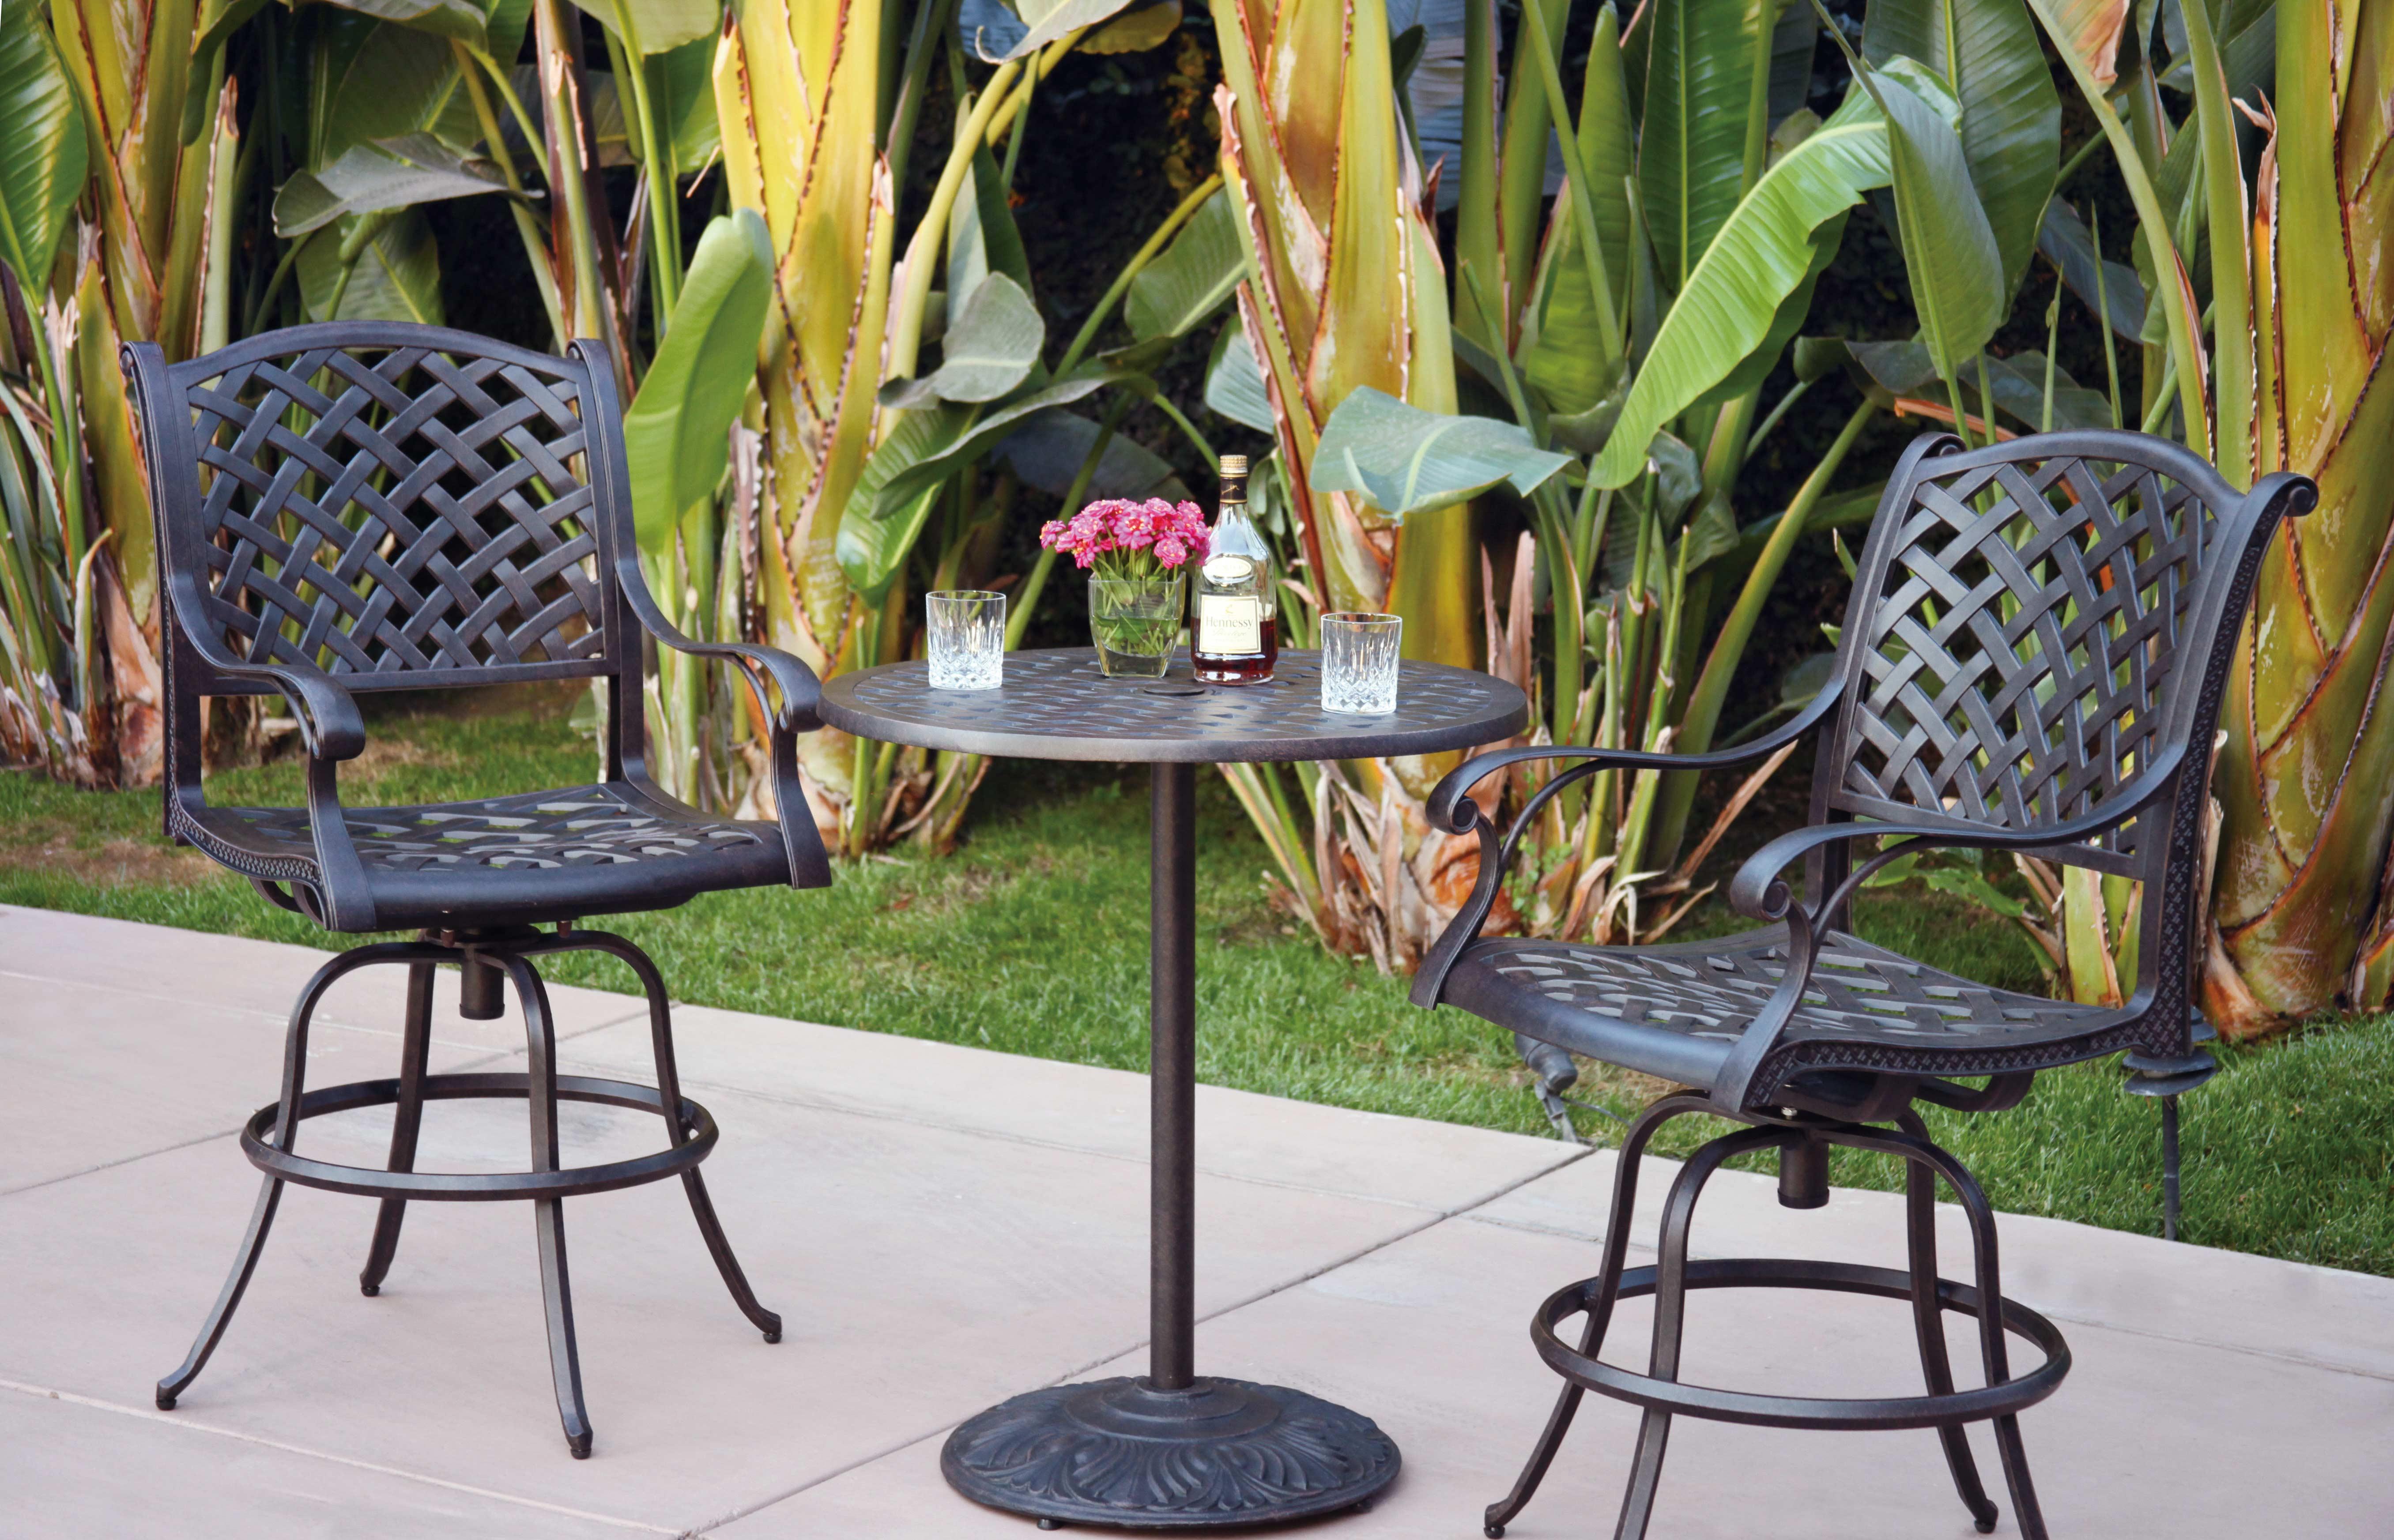 patio furniture bistro set cast aluminum 30 round pedestal pub table 3pc nassau